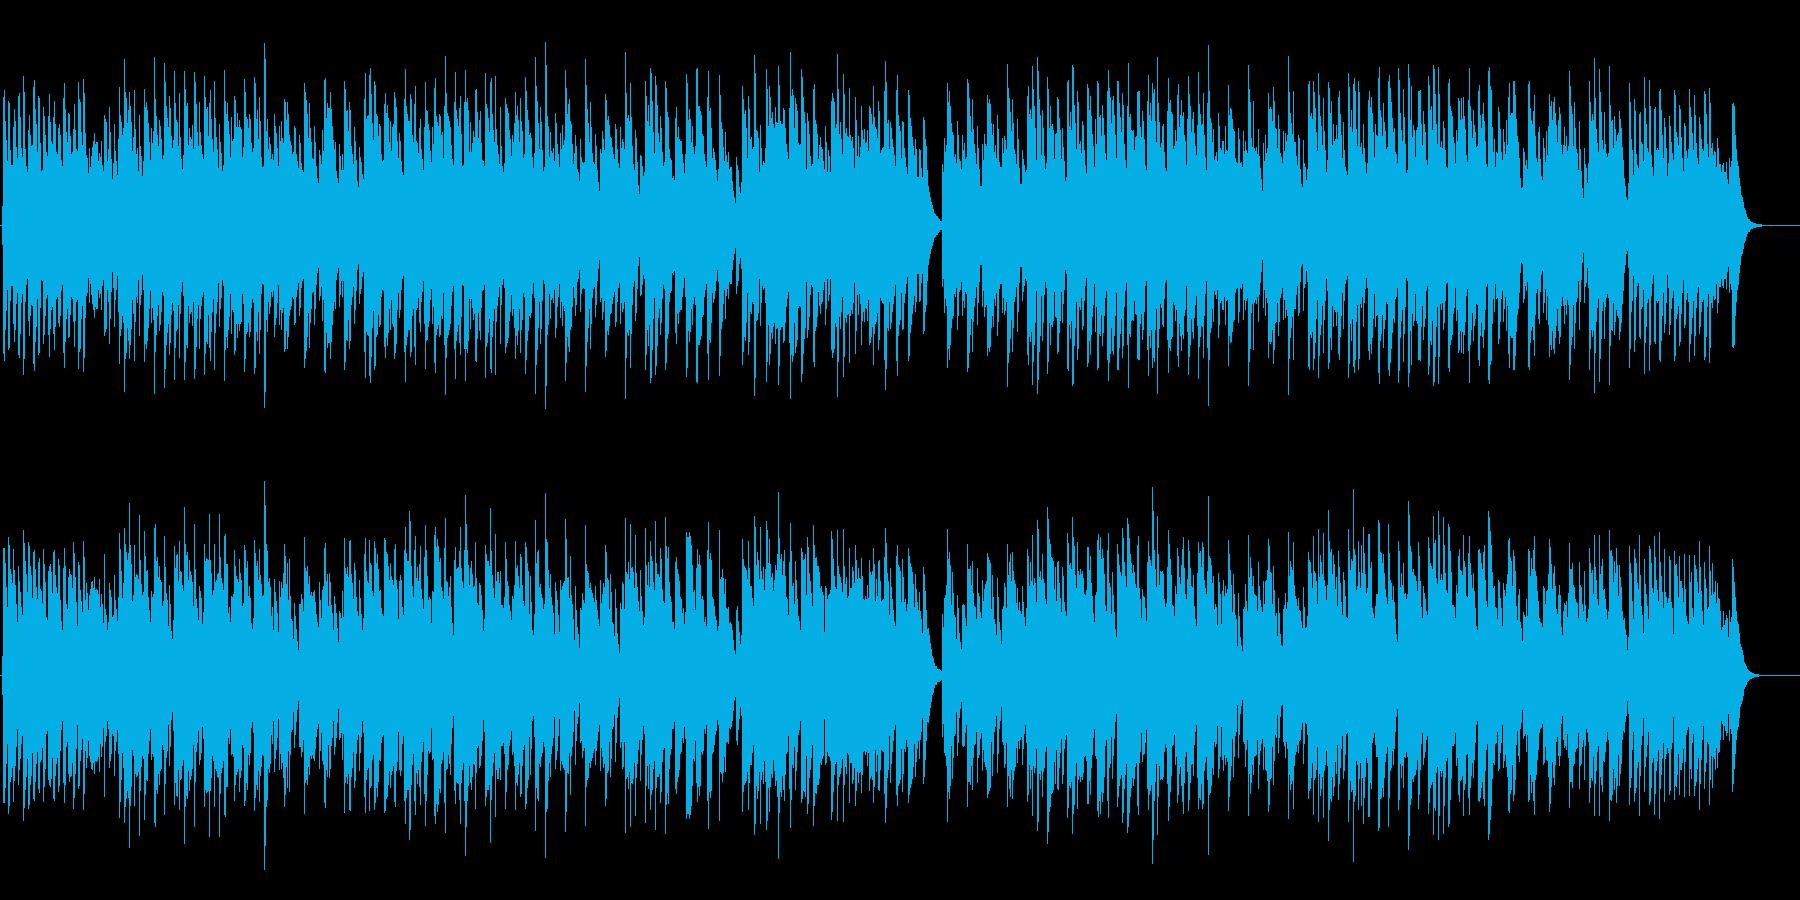 山の音楽家 / ドイツ民謡の再生済みの波形